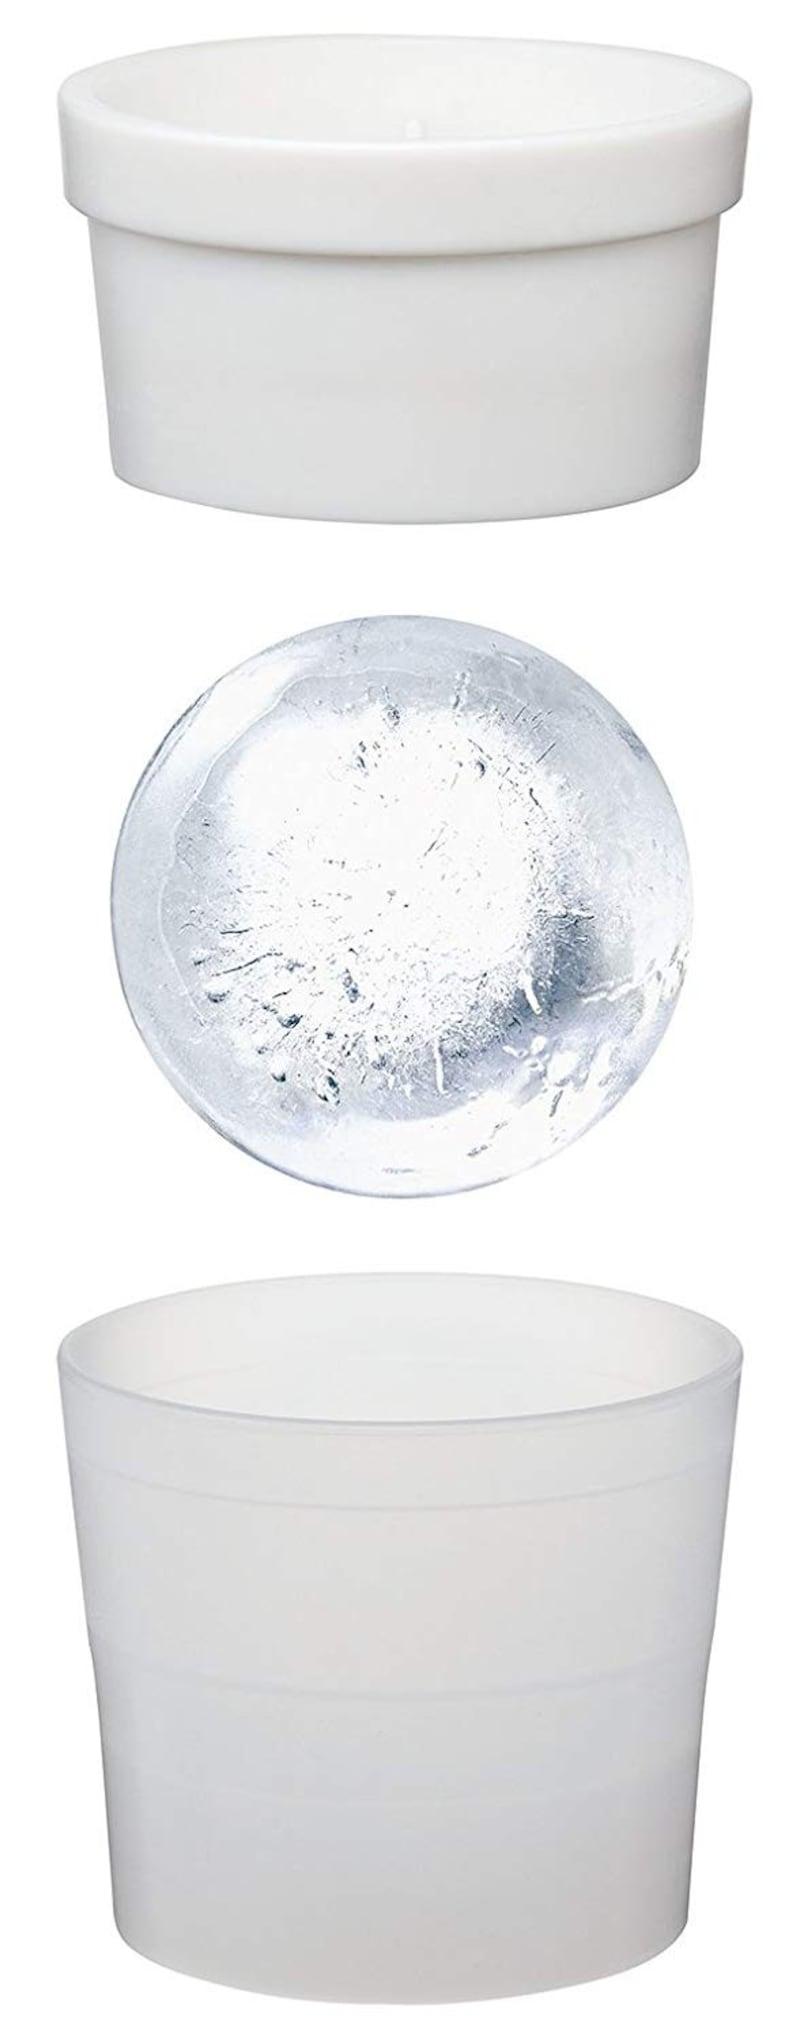 ライクイット,製氷皿俺の丸氷,STK-06